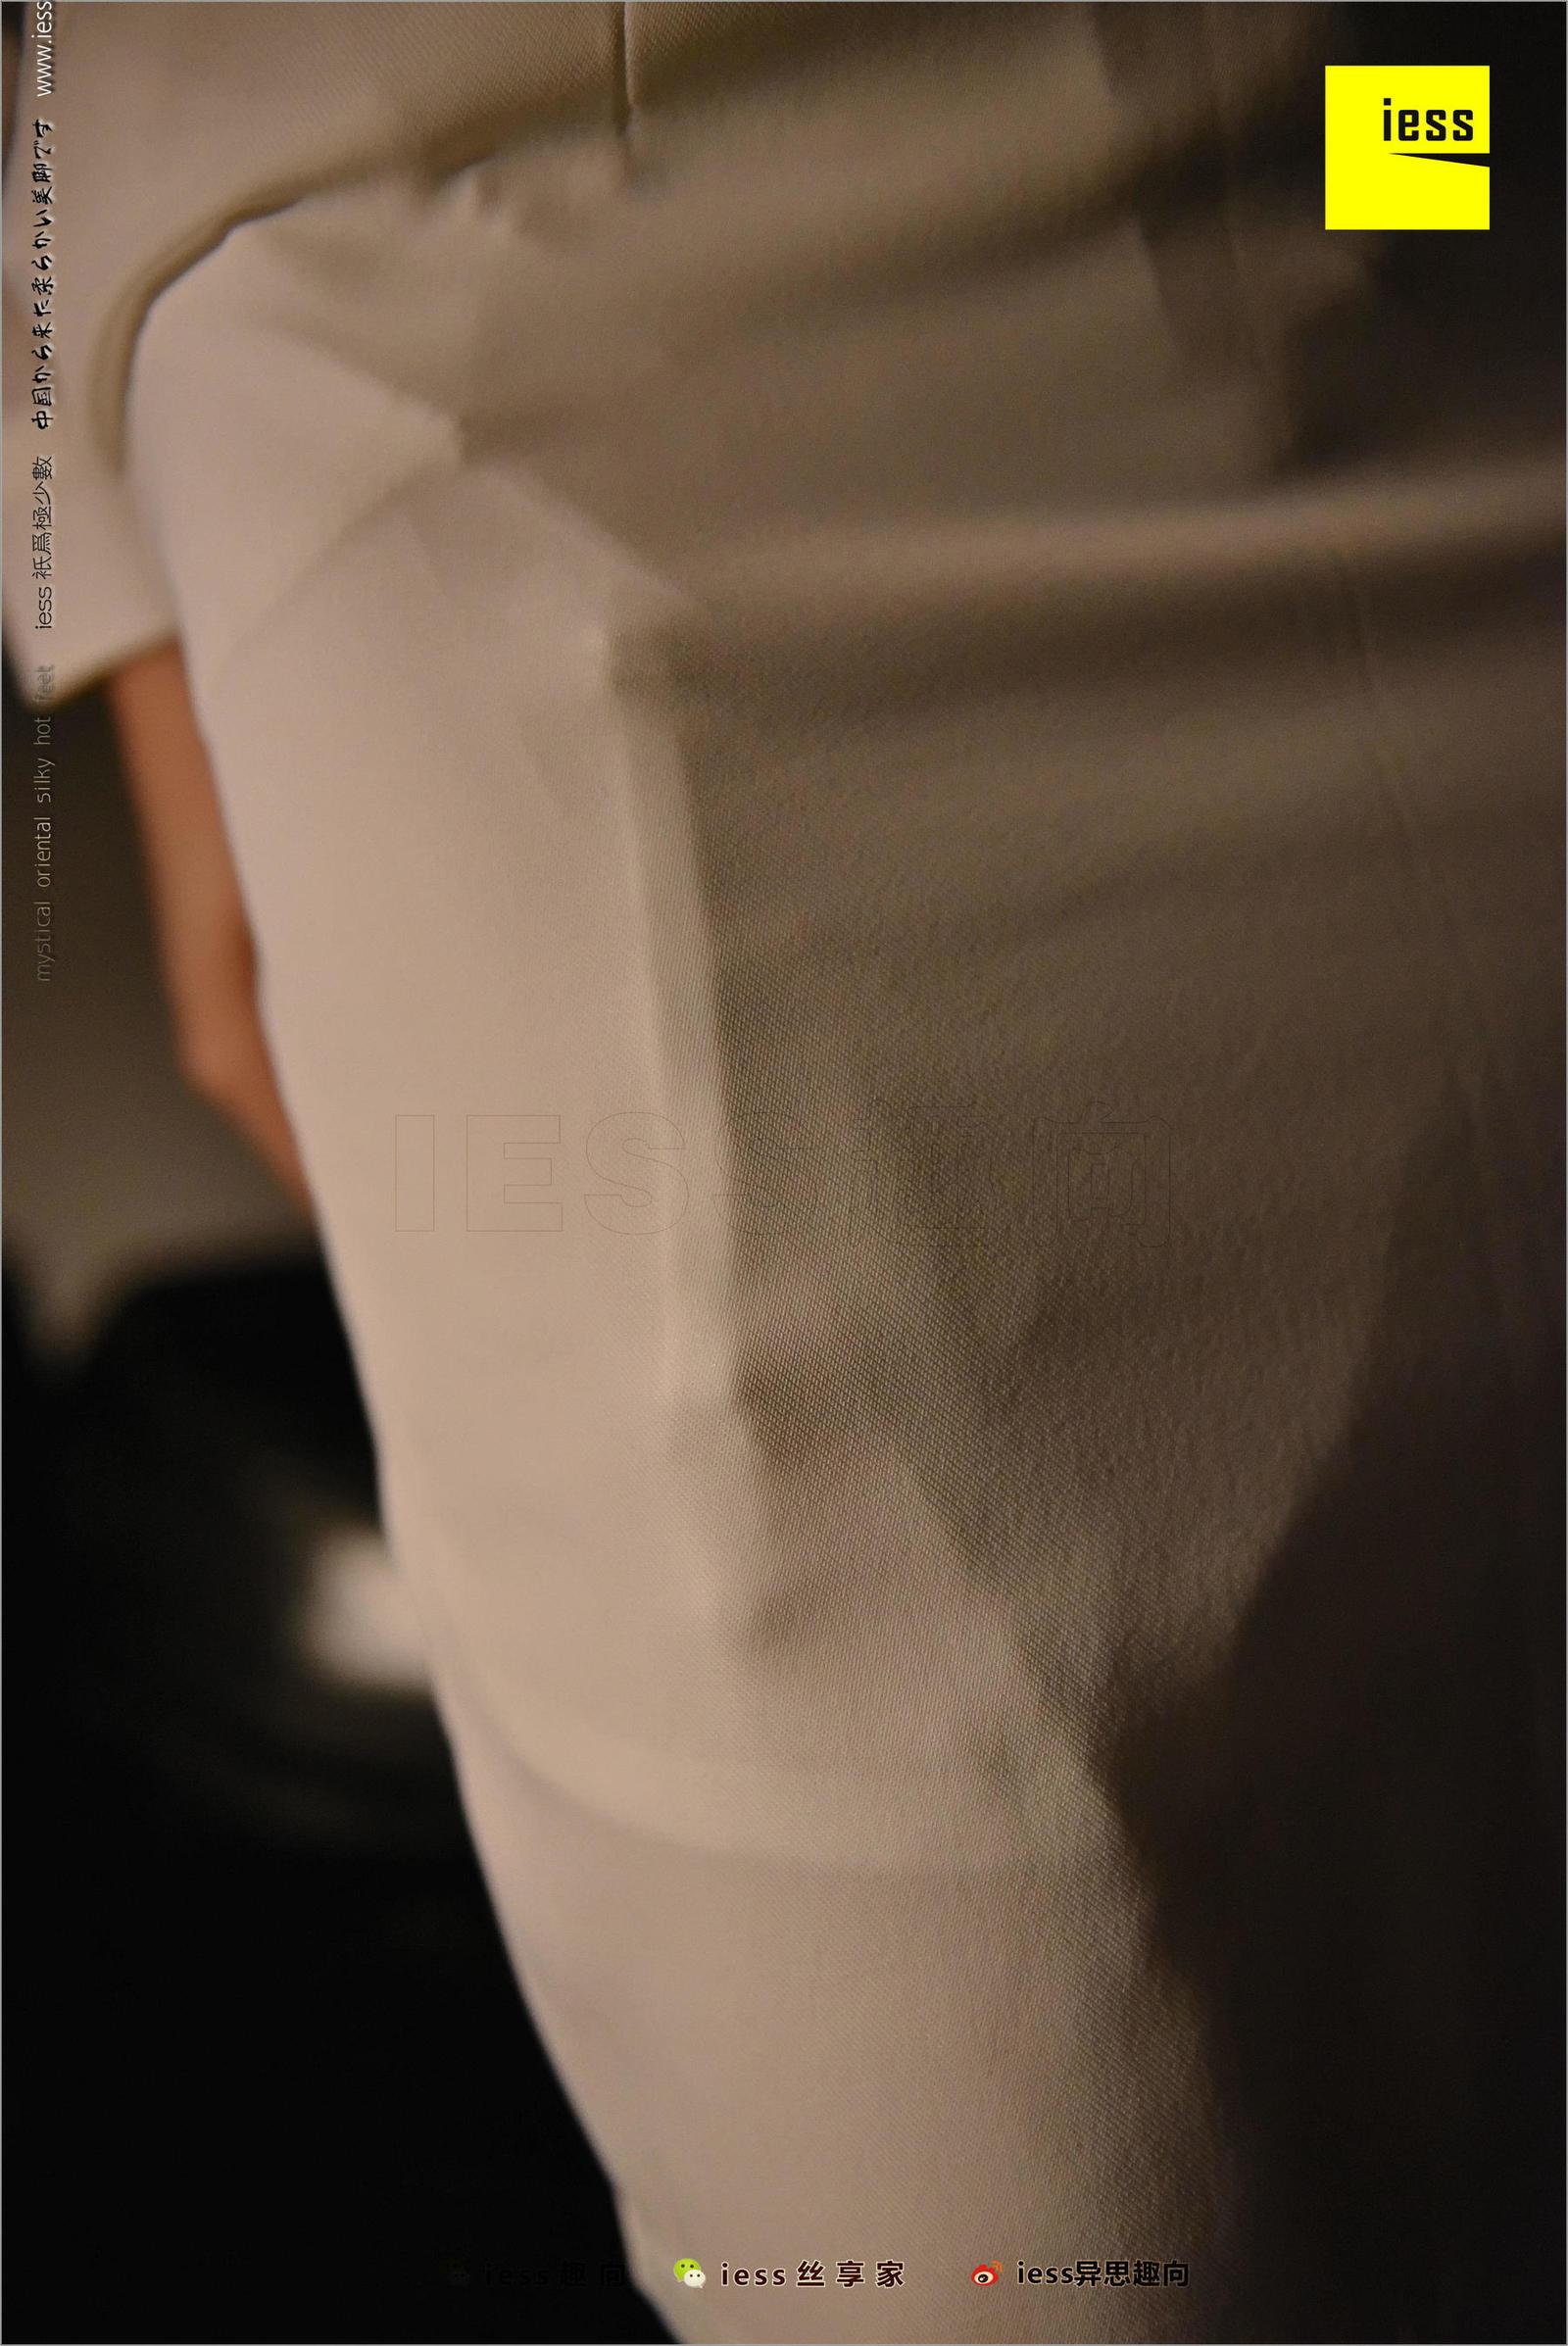 Julia君君 《台灯下的裸足》写真套图